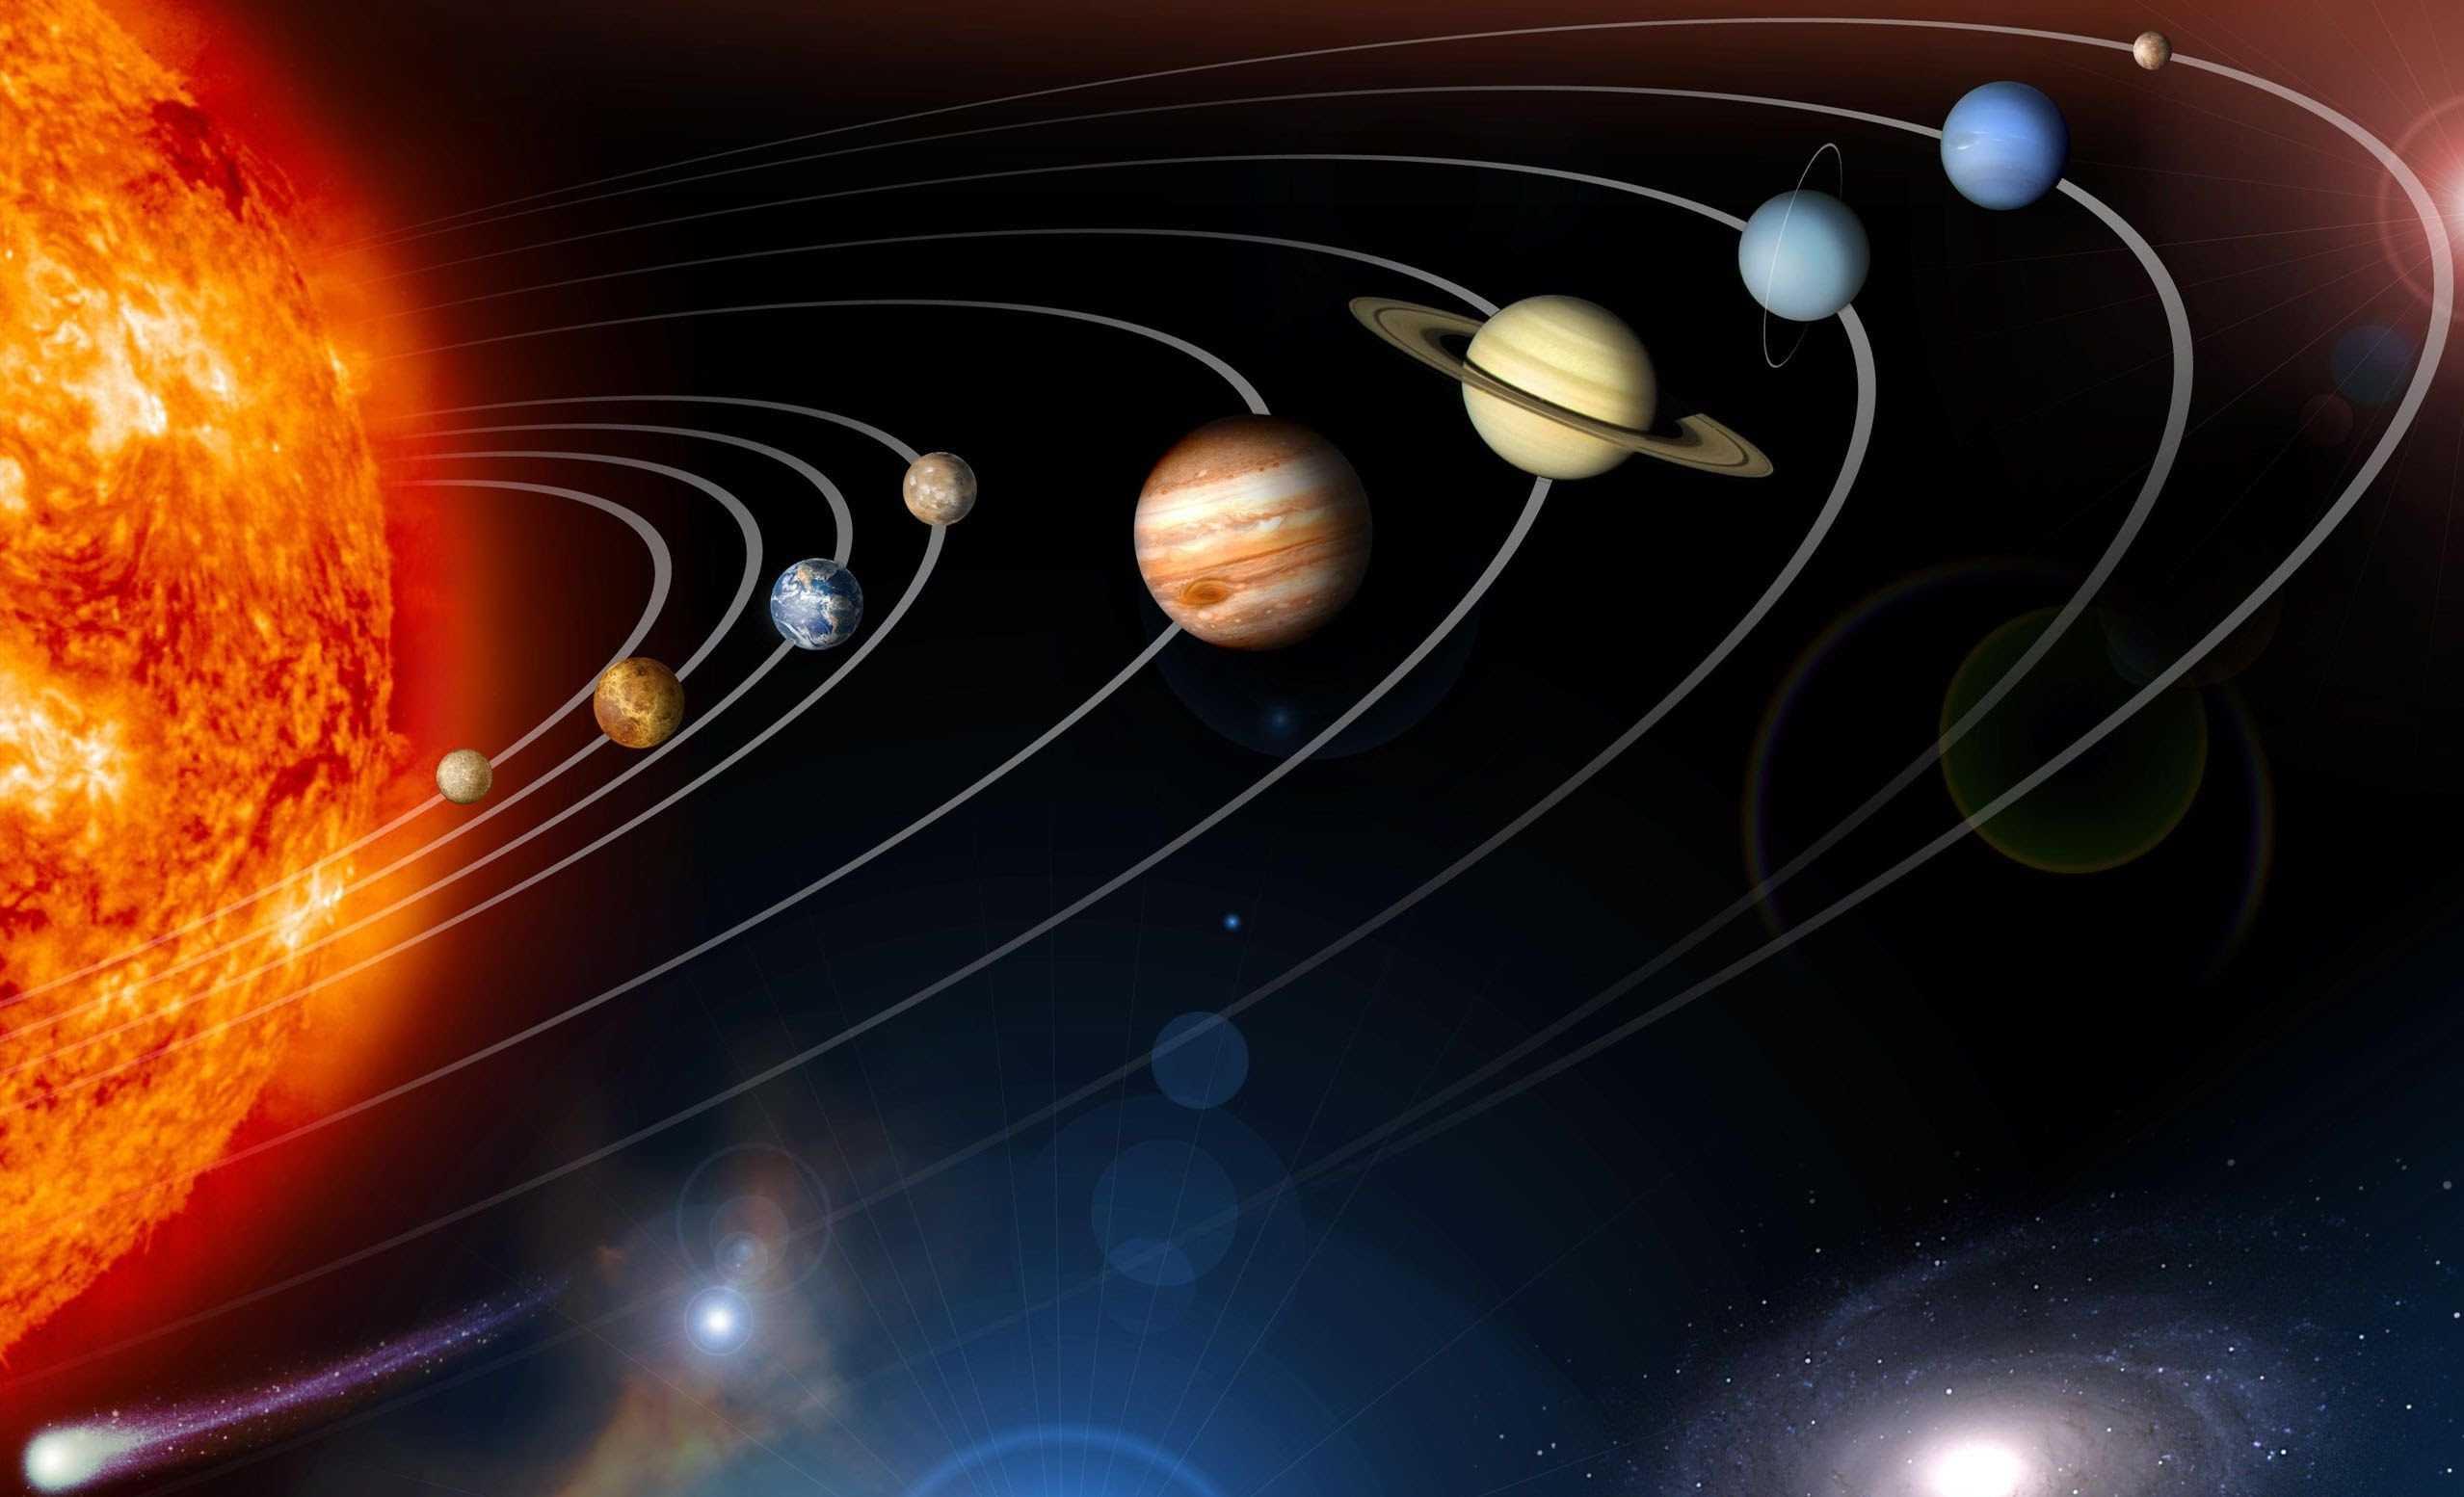 этих величин фото планет в космосе и названия полуостров